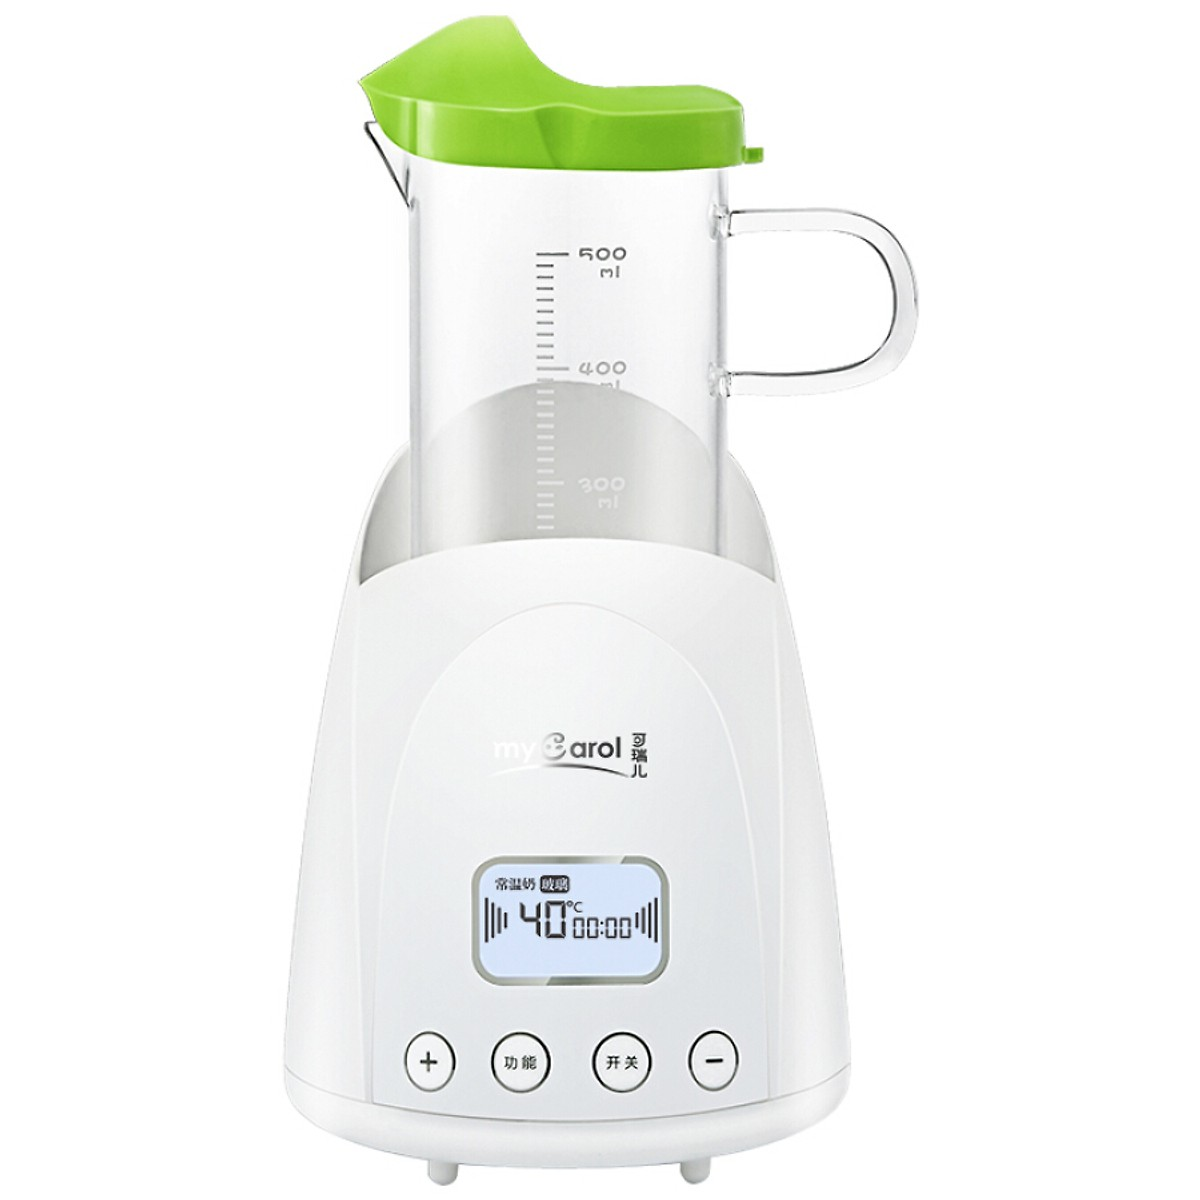 Máy Hâm Sữa Giữ Nhiệt Kháng Khuẩn Mayer (MyCarol) TN-B20